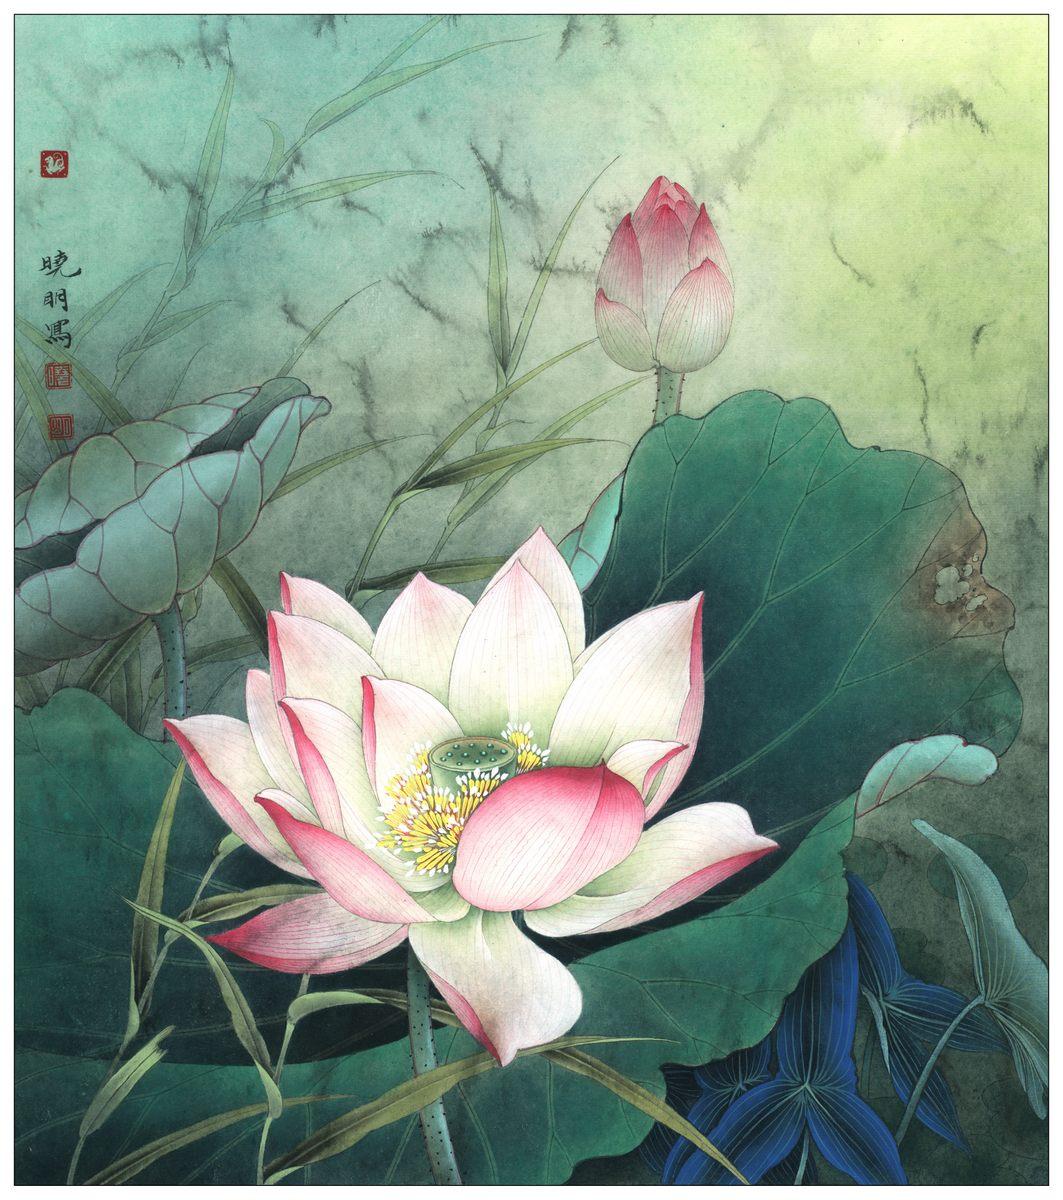 0243_中国画素材jpg格式_中式国画-荷花图2410_